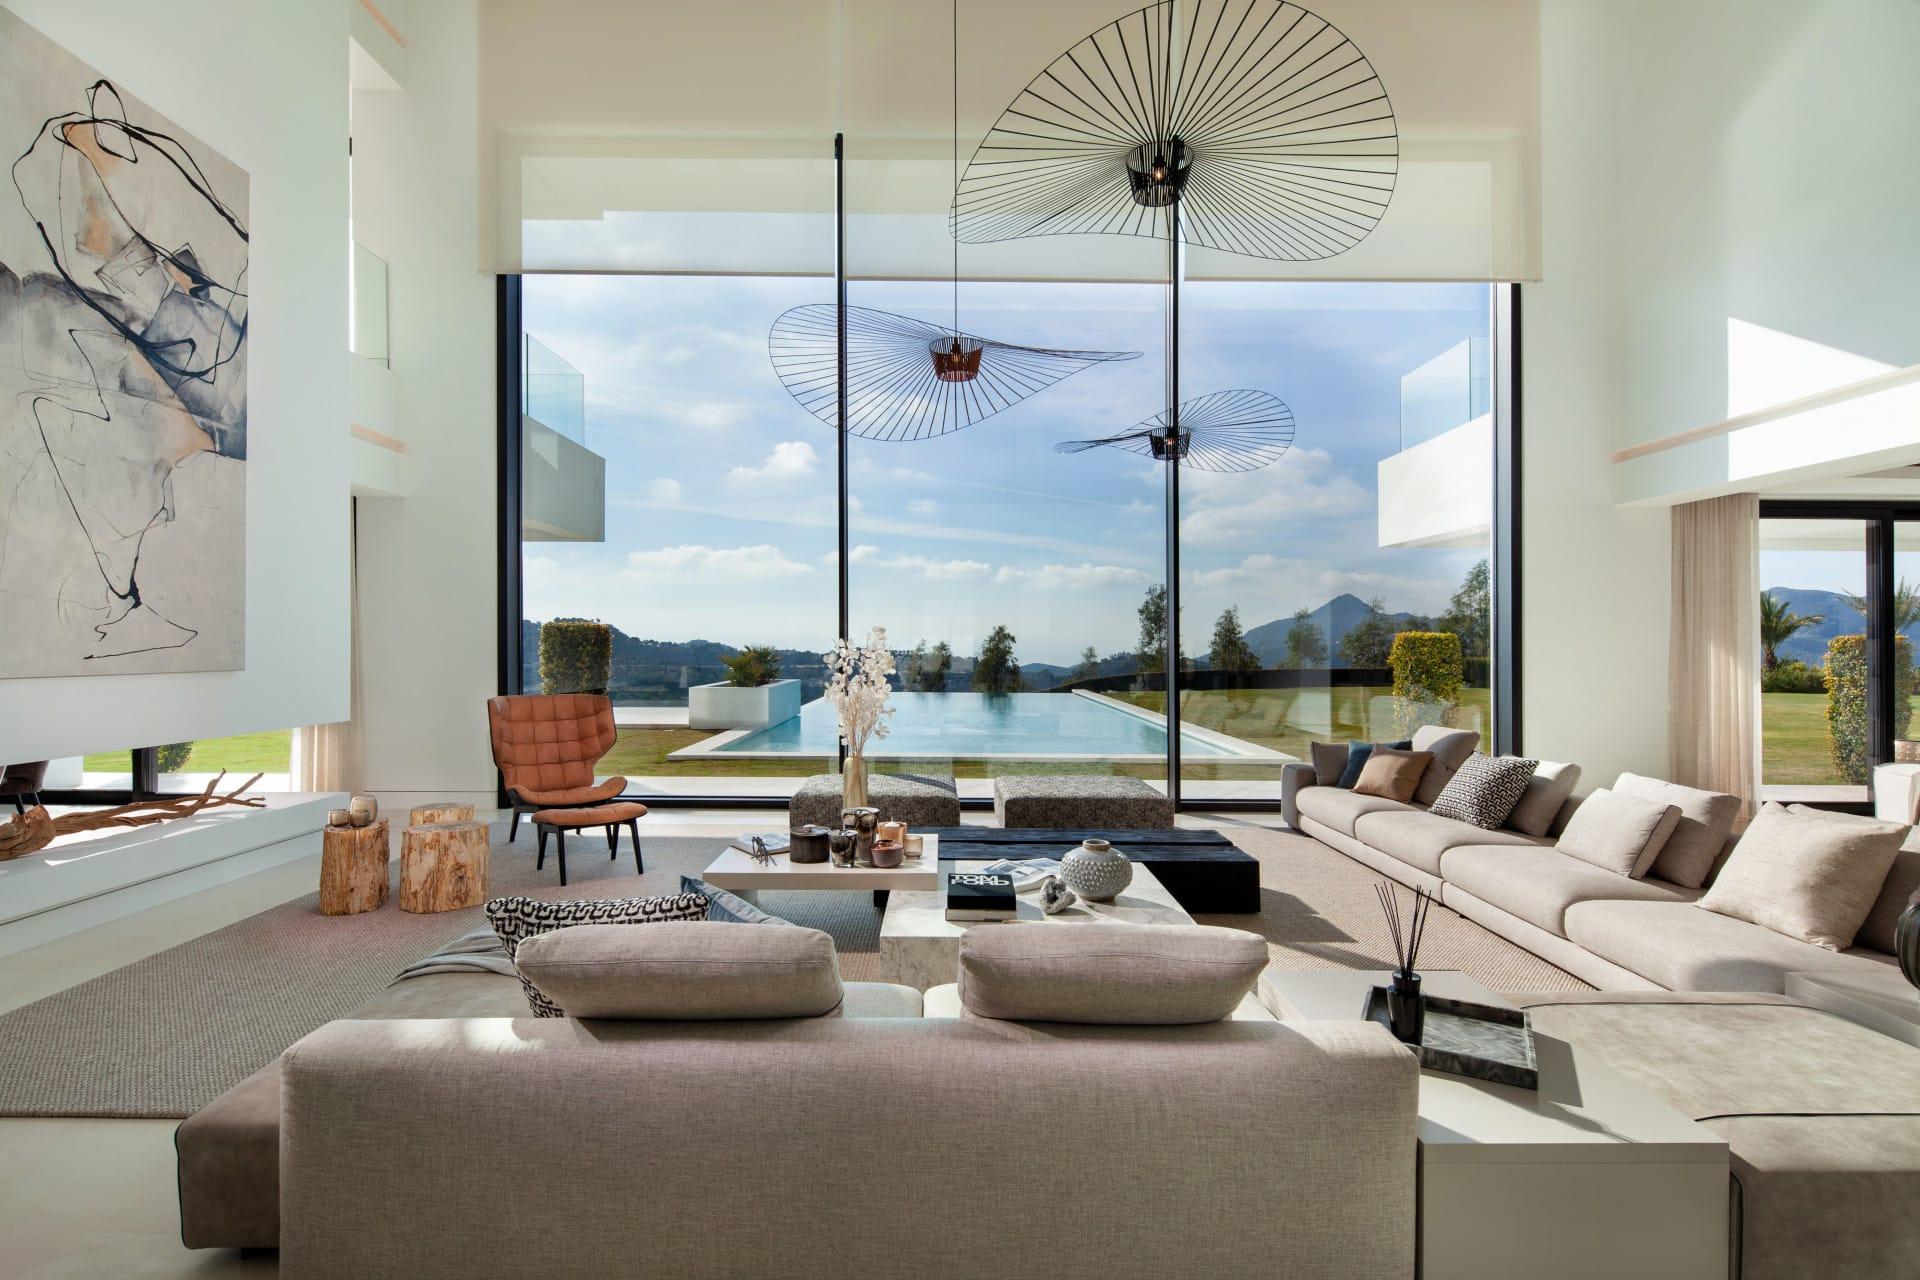 Villa moderna en Marbella, España